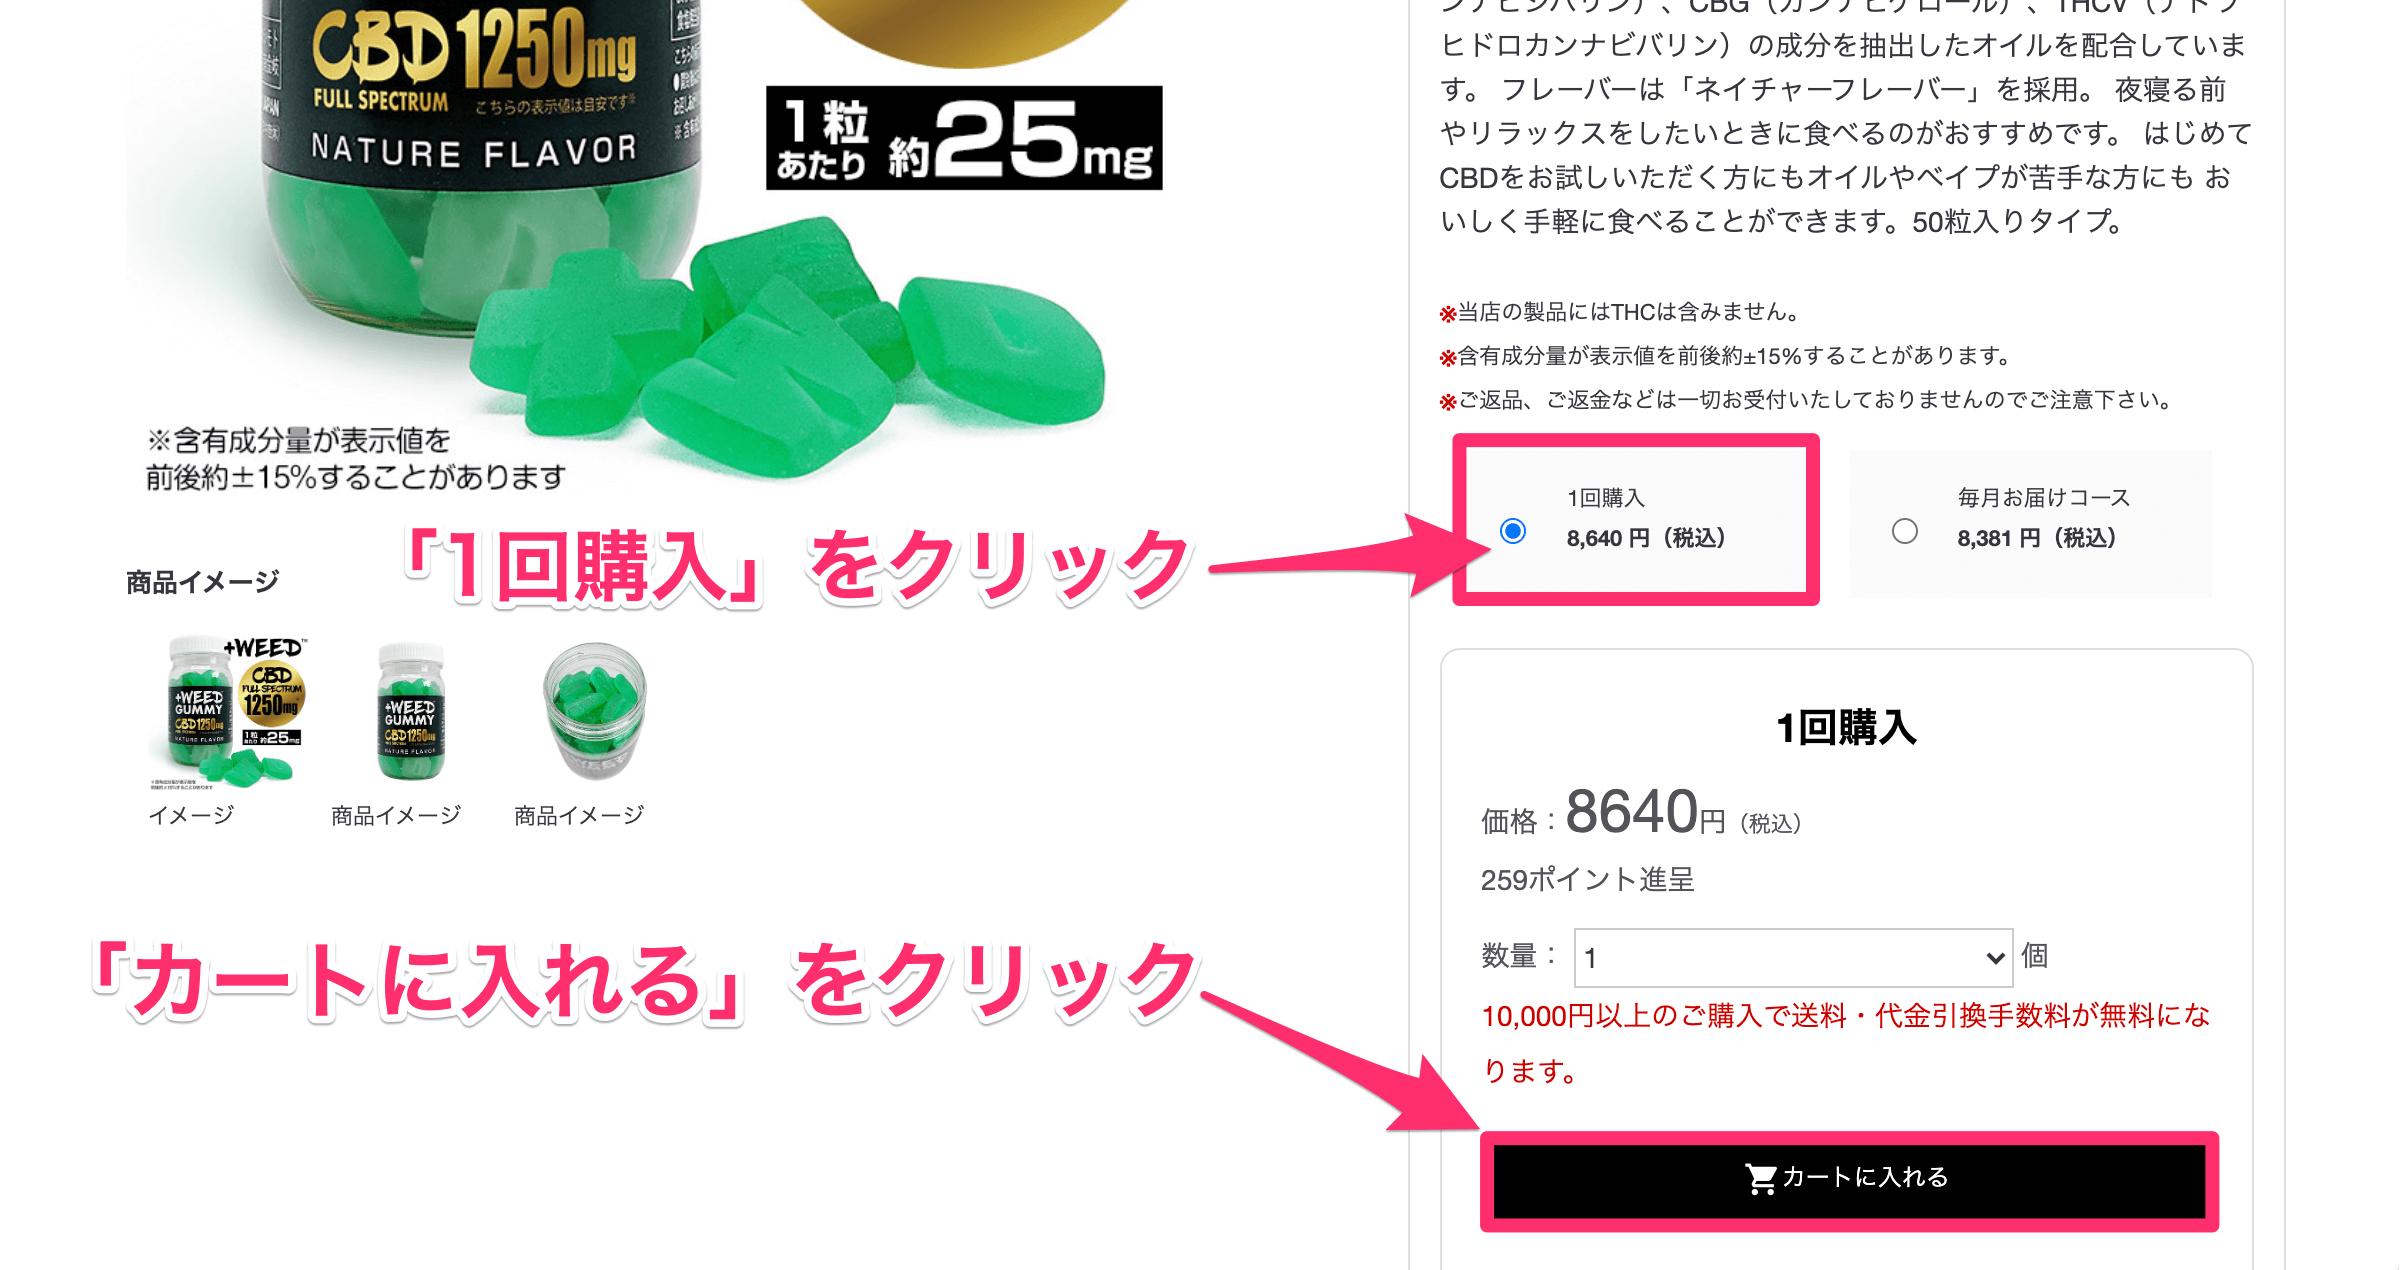 +WEED(プラスウィード)の購入方法:購入パターンを選択